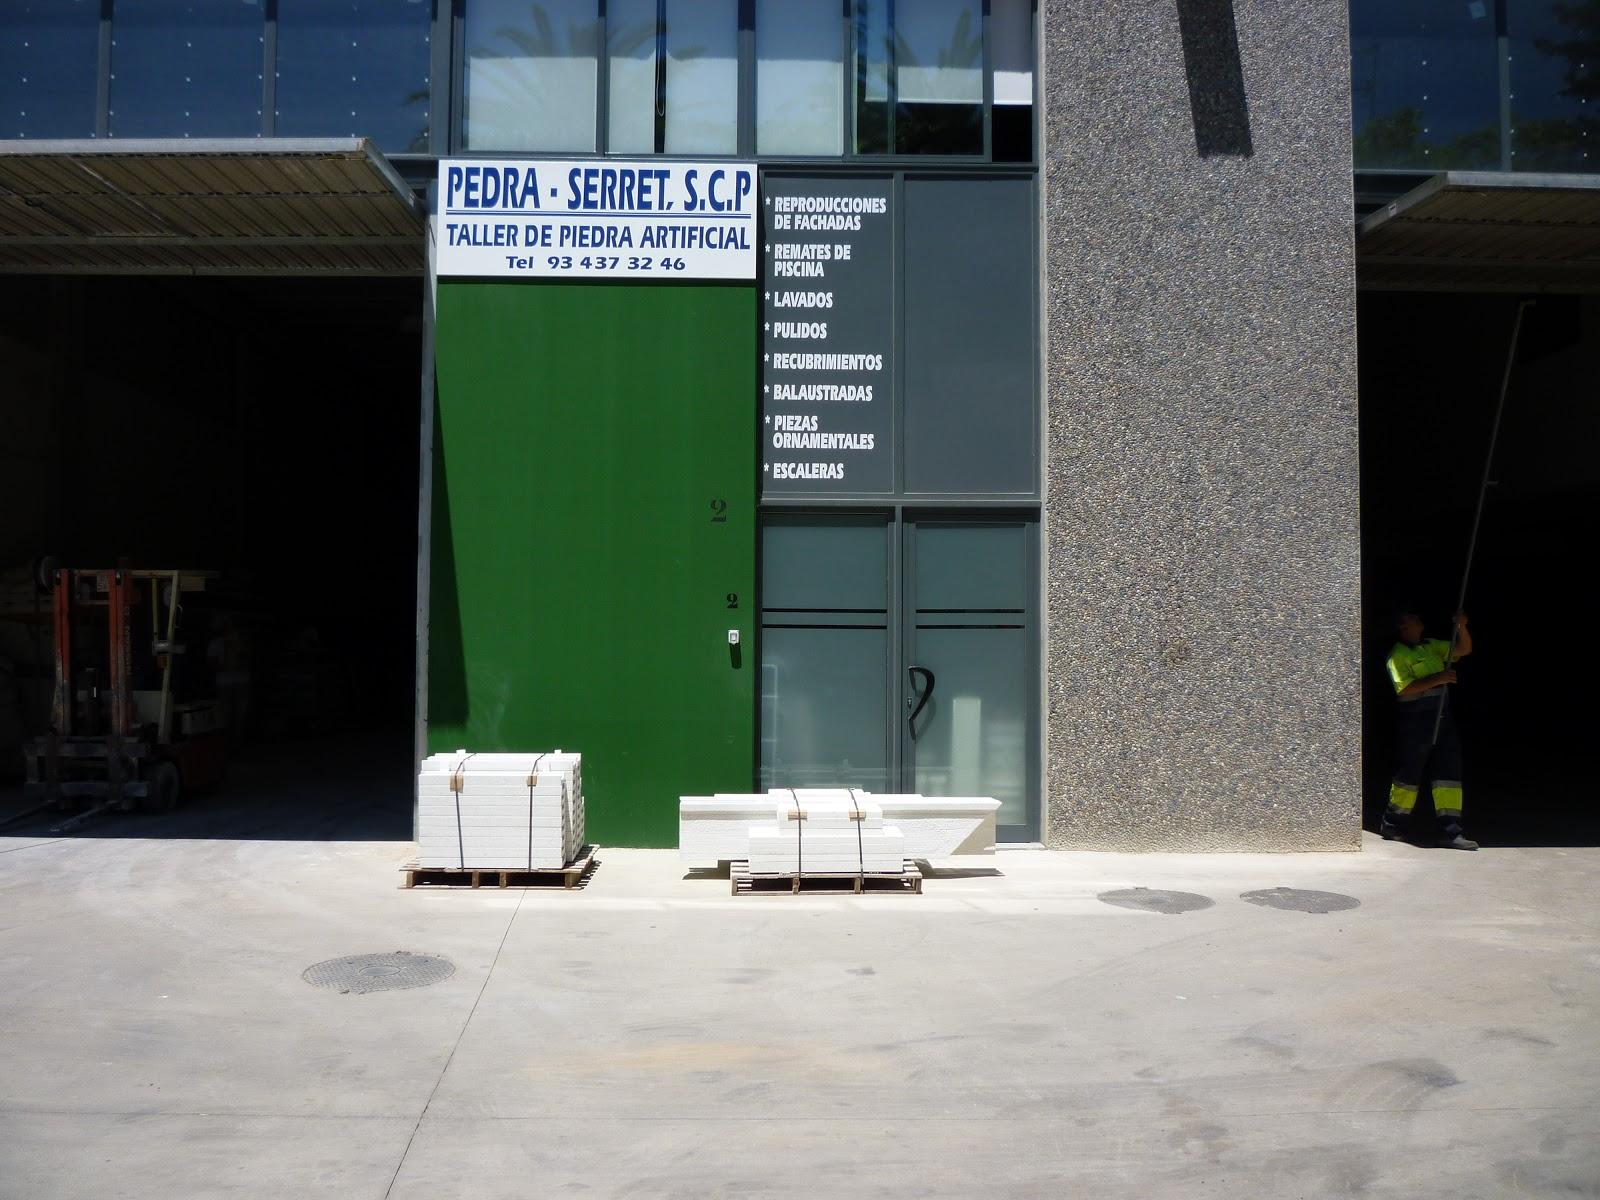 Pedra serret scp taller de piedra artificial - Piedra artificial barcelona ...